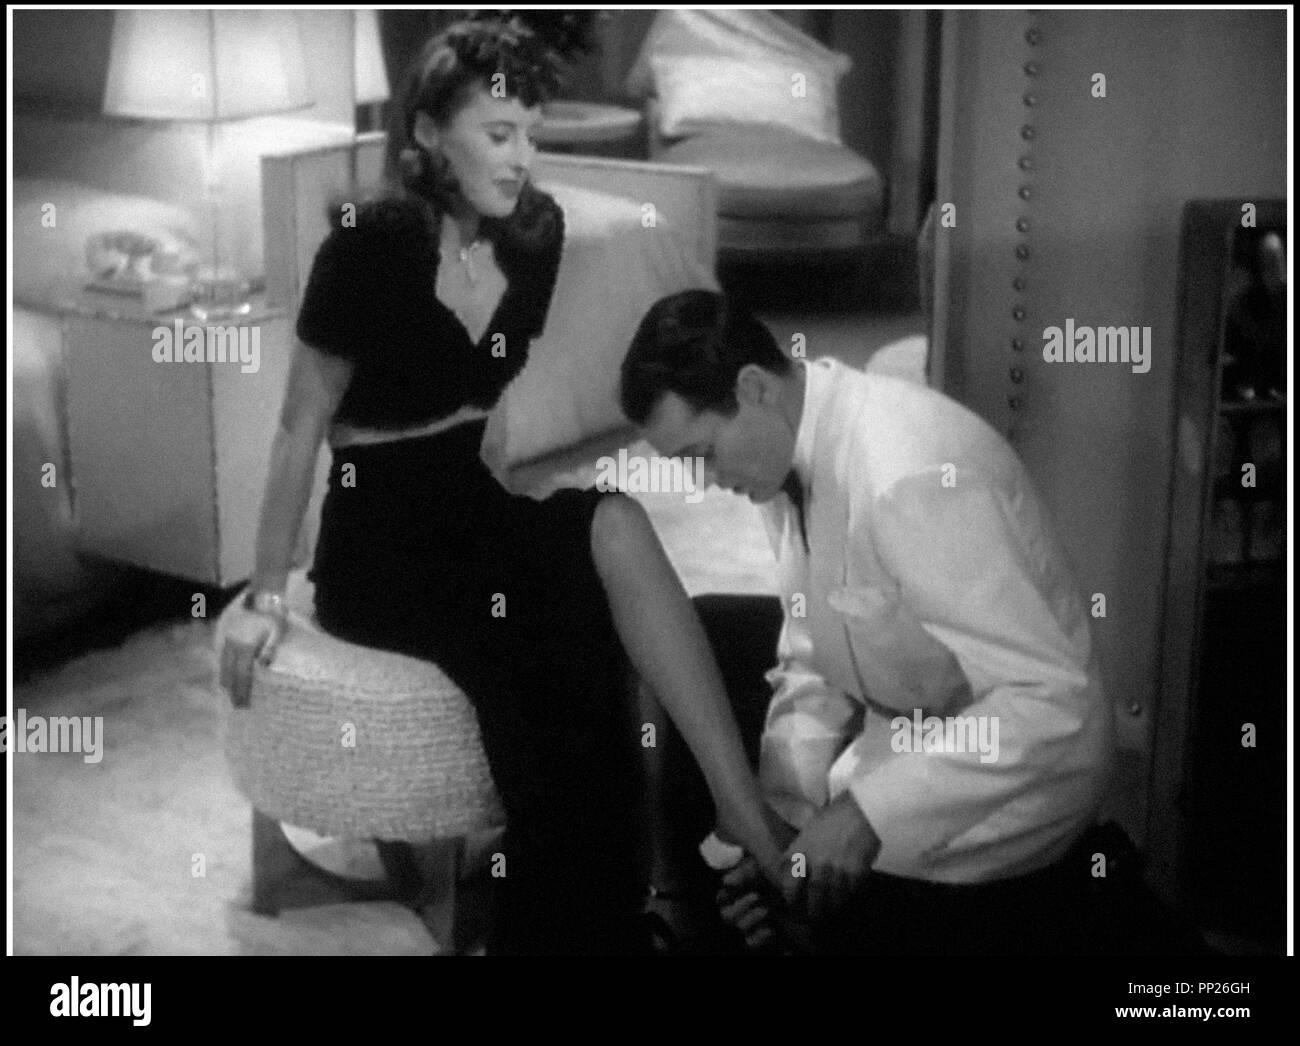 Prod DB © Paramount Pictures / DR  UN COEUR PRIS AU PIEGE / LADY EVE (THE LADY EVE) de Preston Sturges 1941 USA  avec Barbara Stanwyck et Henry Fonda homme soumis, galanterie, mettre des chaussures - Stock Image